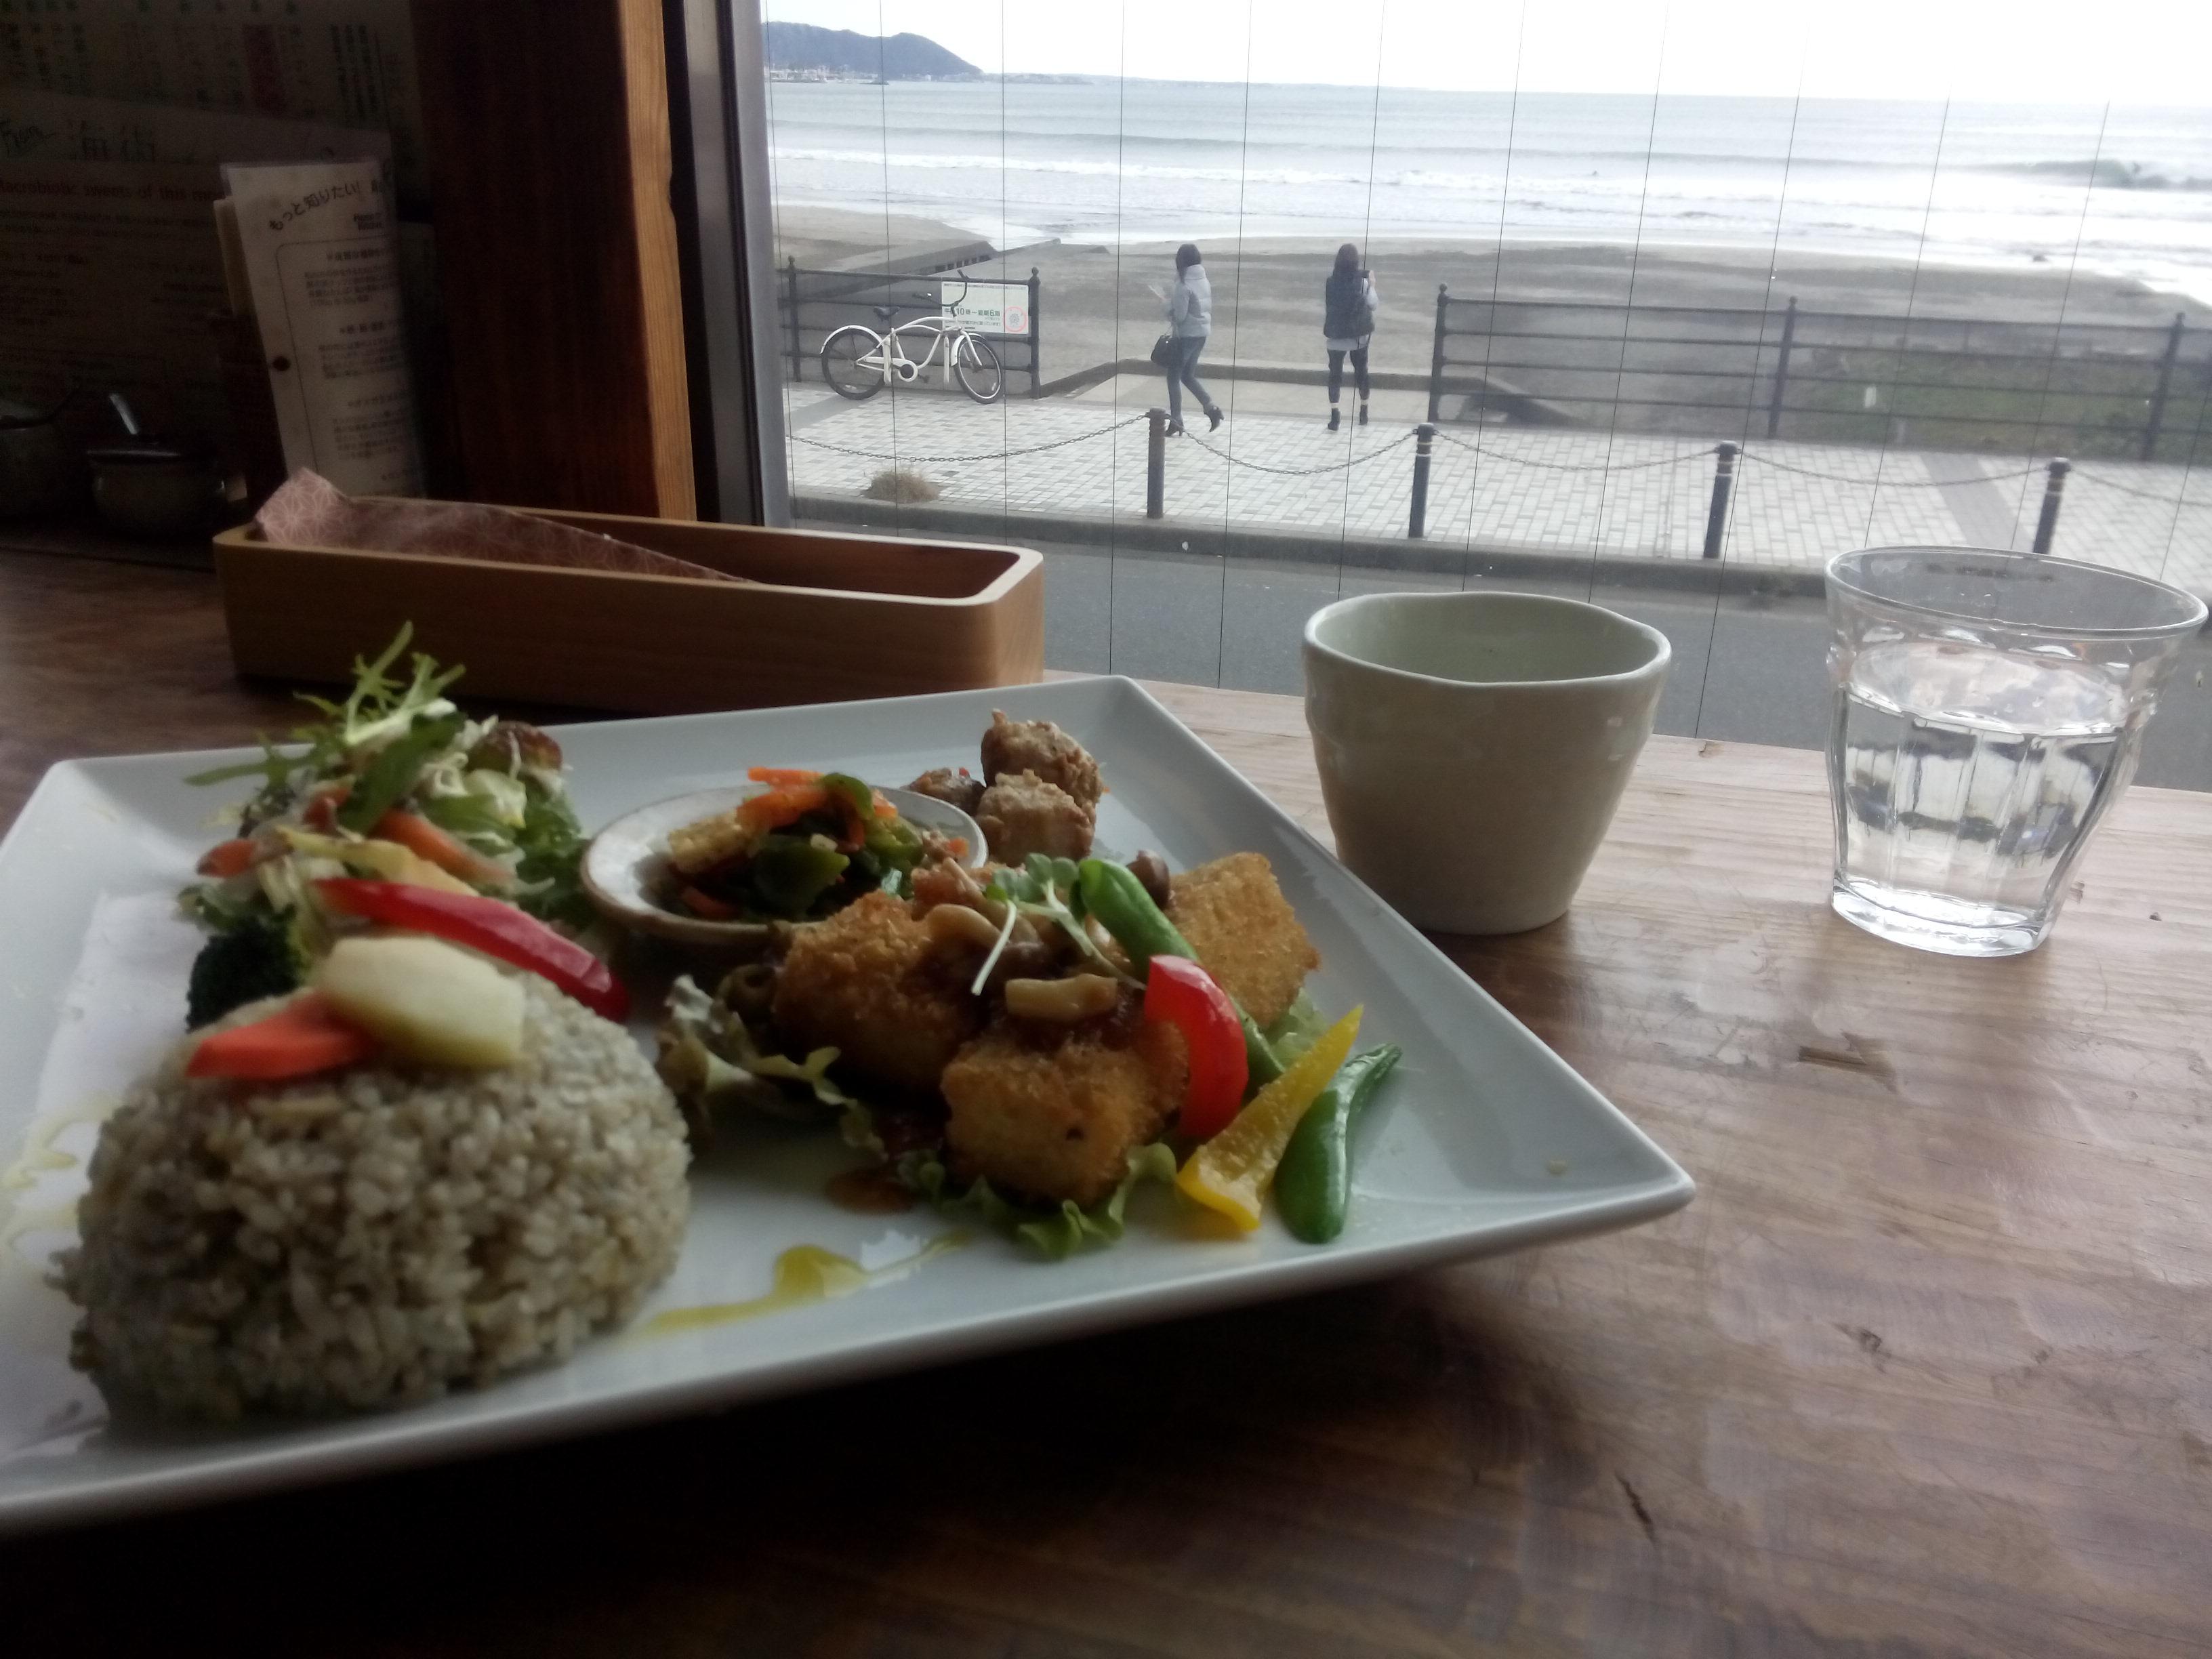 Tofu plate and sea view